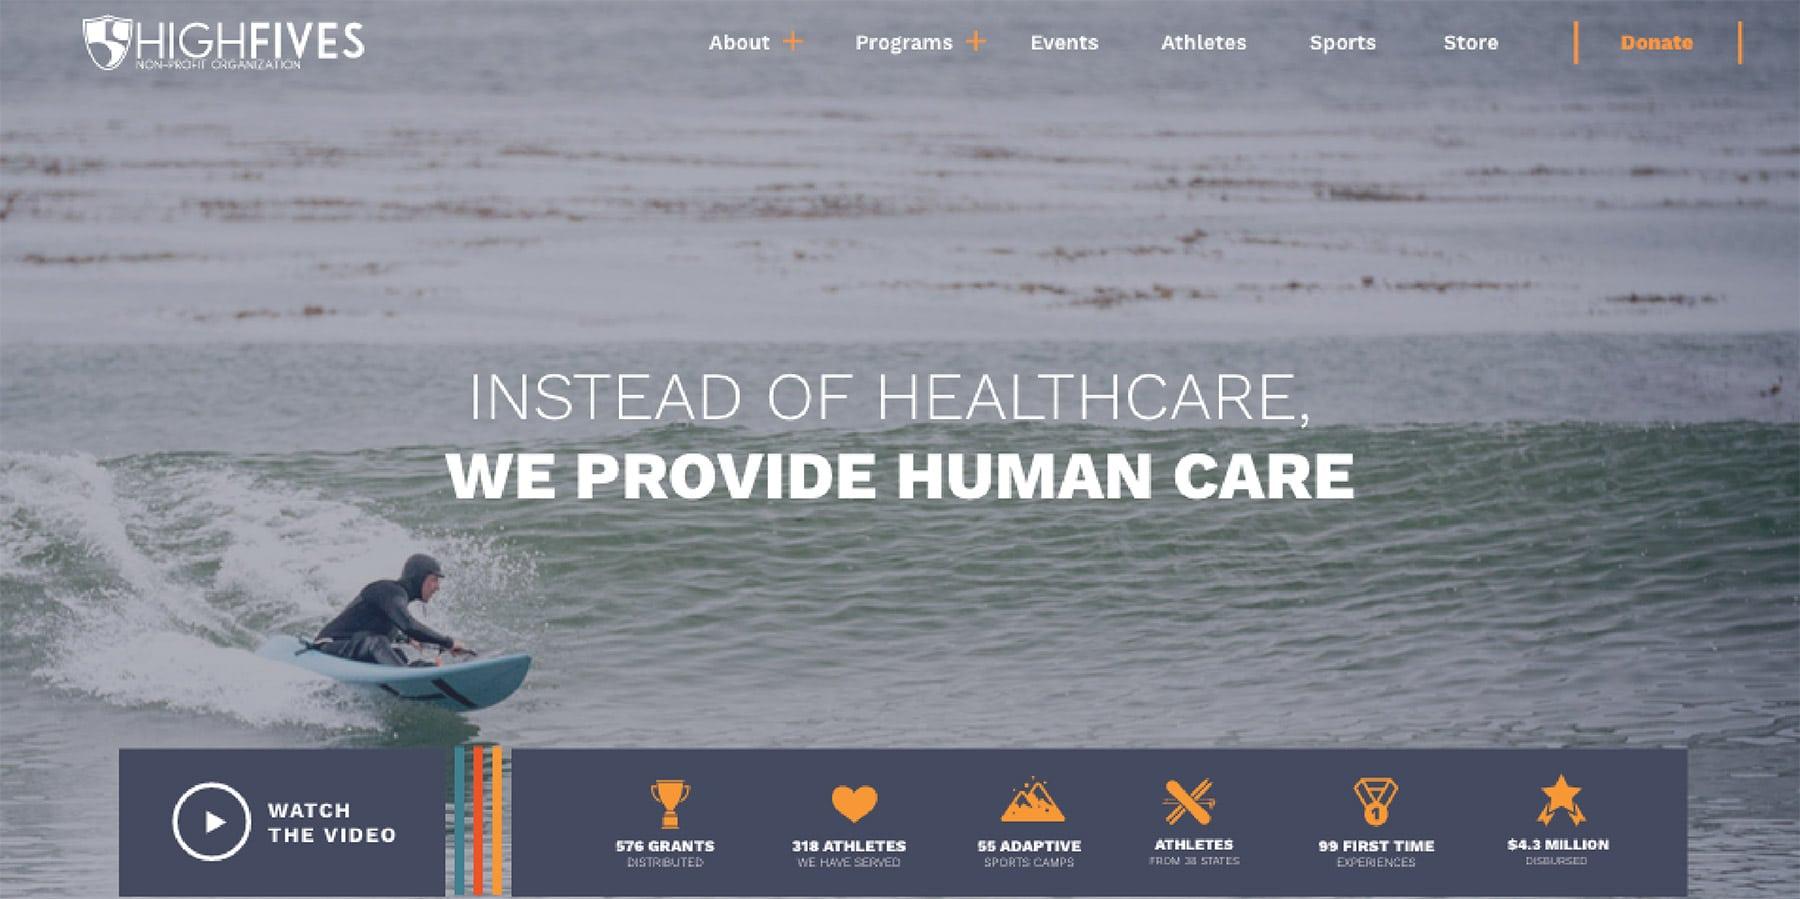 highfives site design